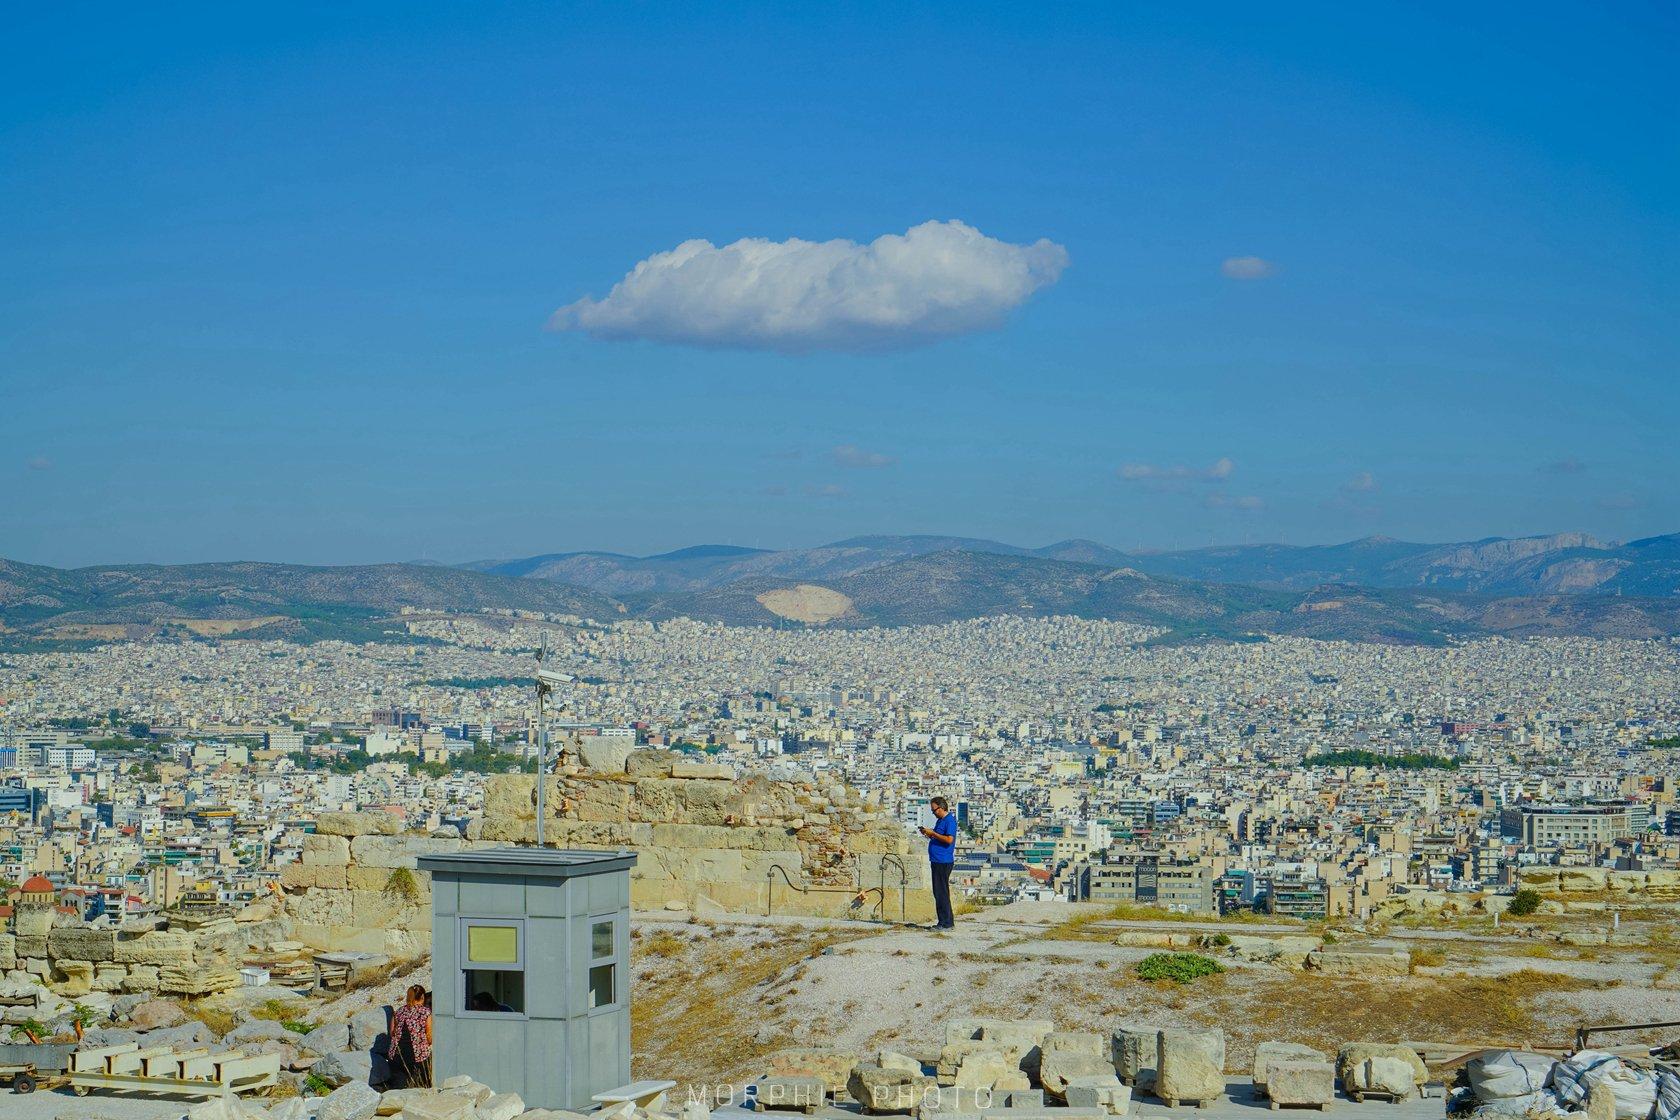 【欧洲起源 希腊】一个人的雅典,爱上古典气质,享受浪漫时光